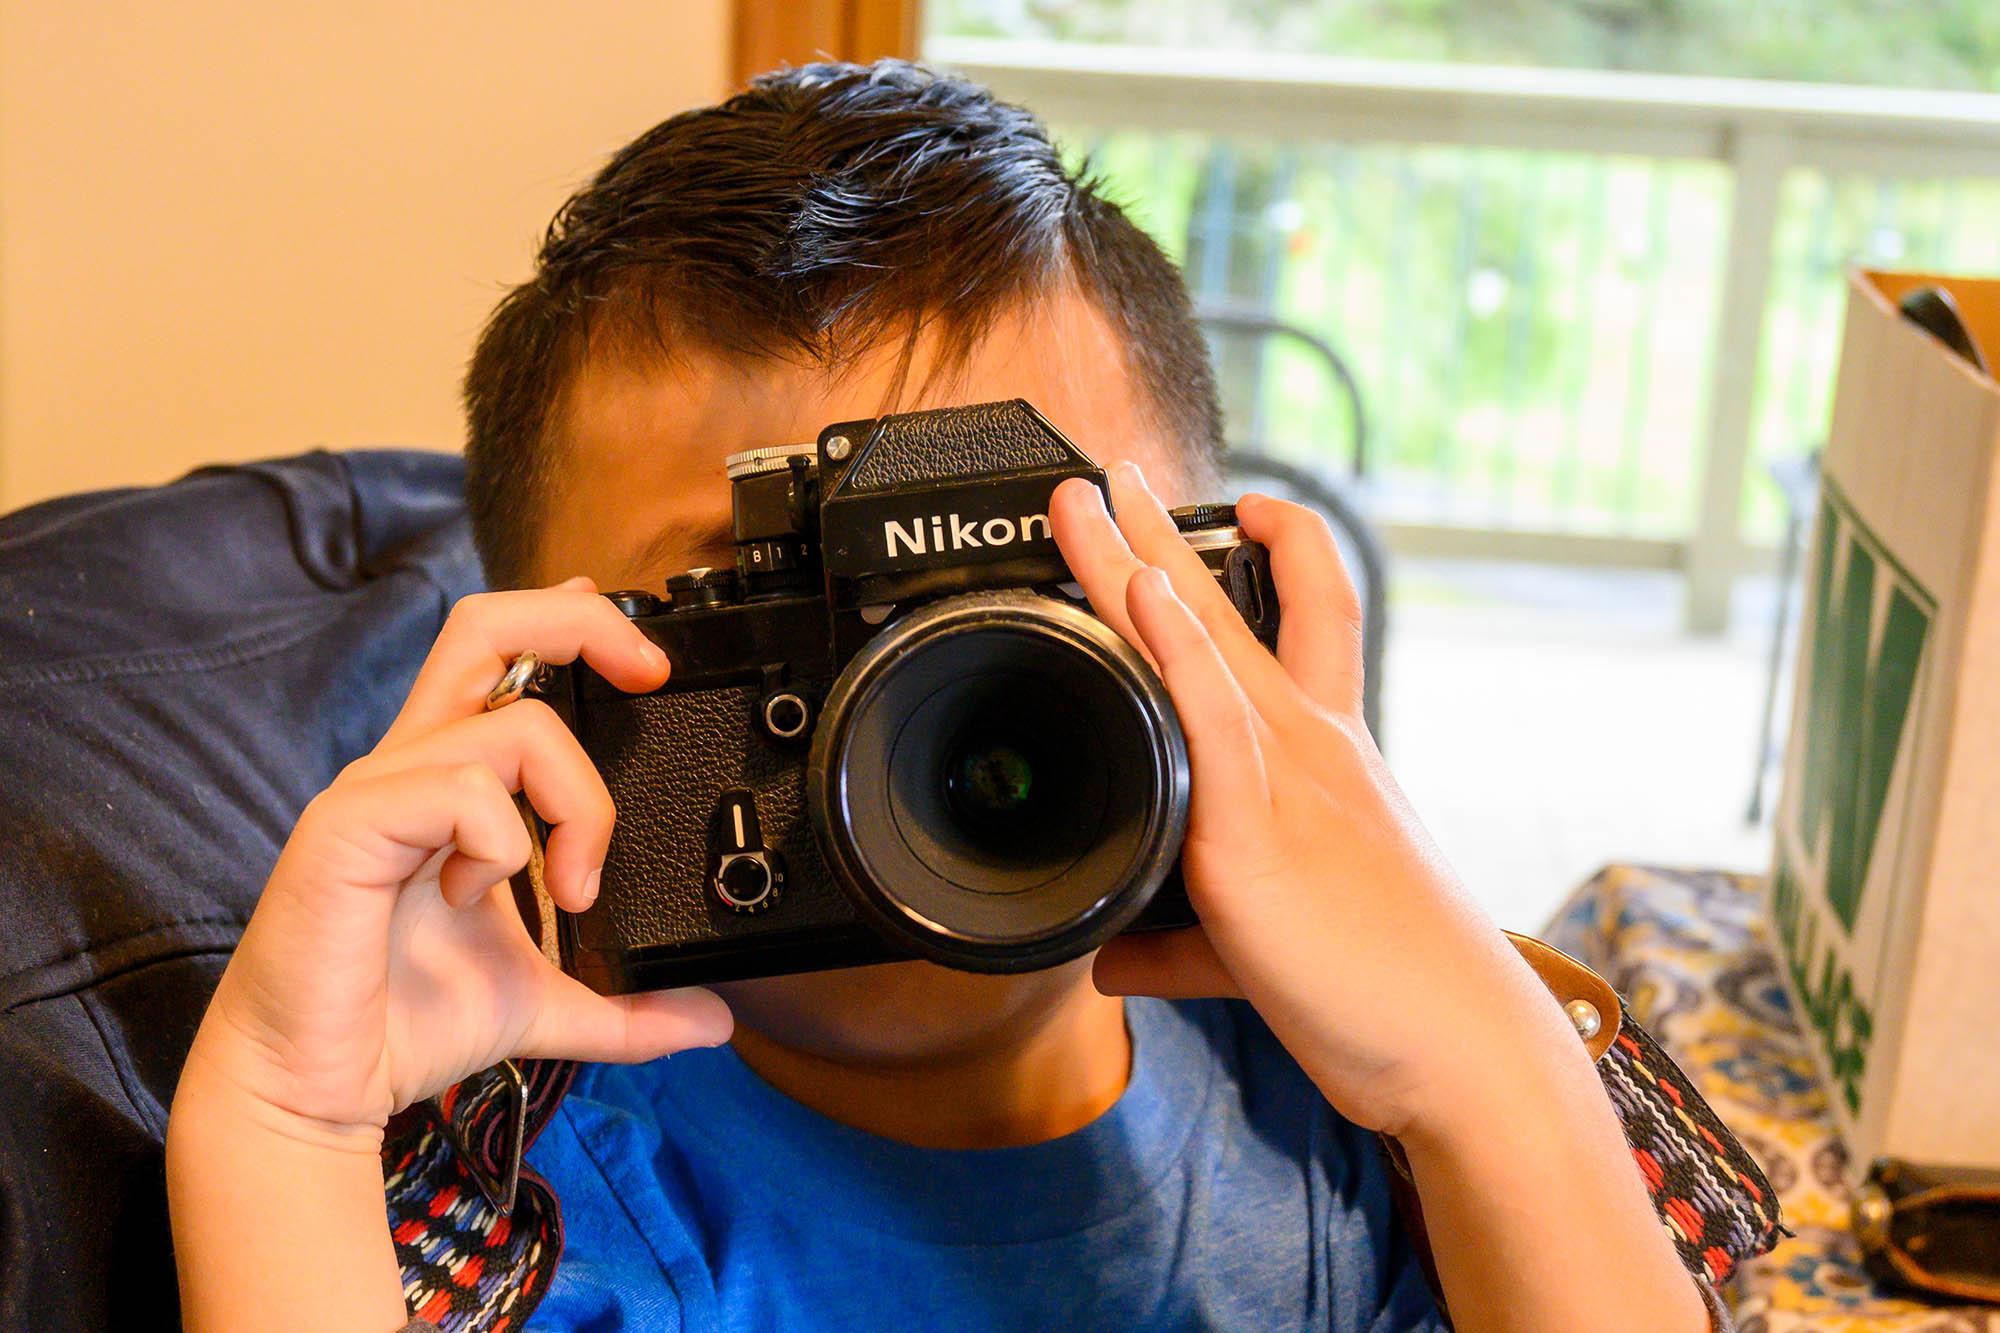 Image: Nikon Z50, Nikkor Z DX 16-50mm f3.5-6.3 VR, Focal length: 31.5mm (in 35mm: 47mm), 1/50 sec, f...